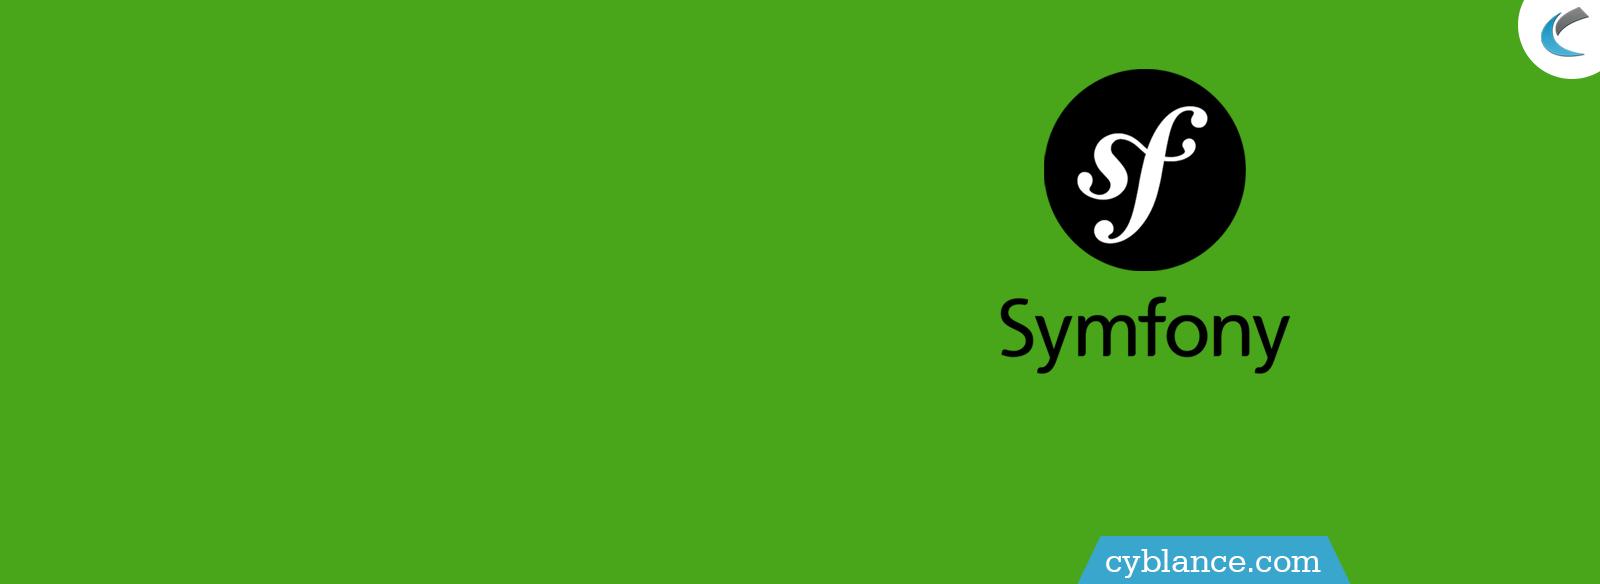 Symfony - a PHP framework